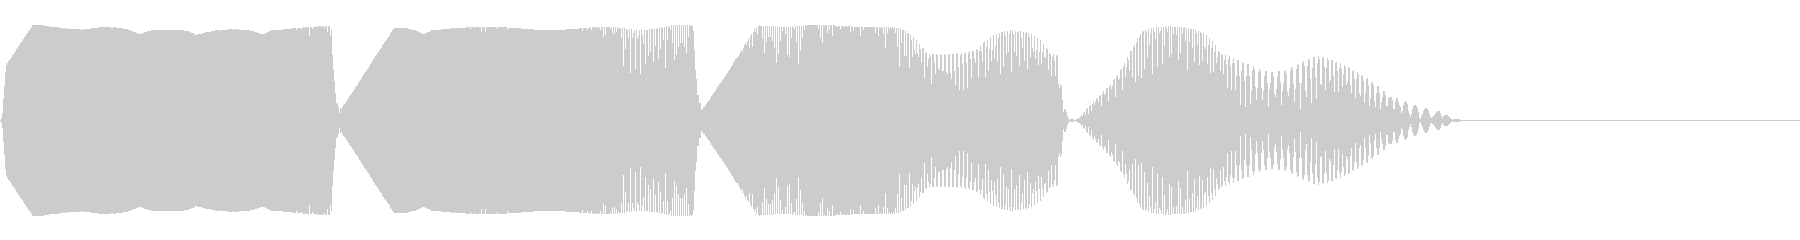 目を回すような効果音(混乱/パニック)の未再生の波形